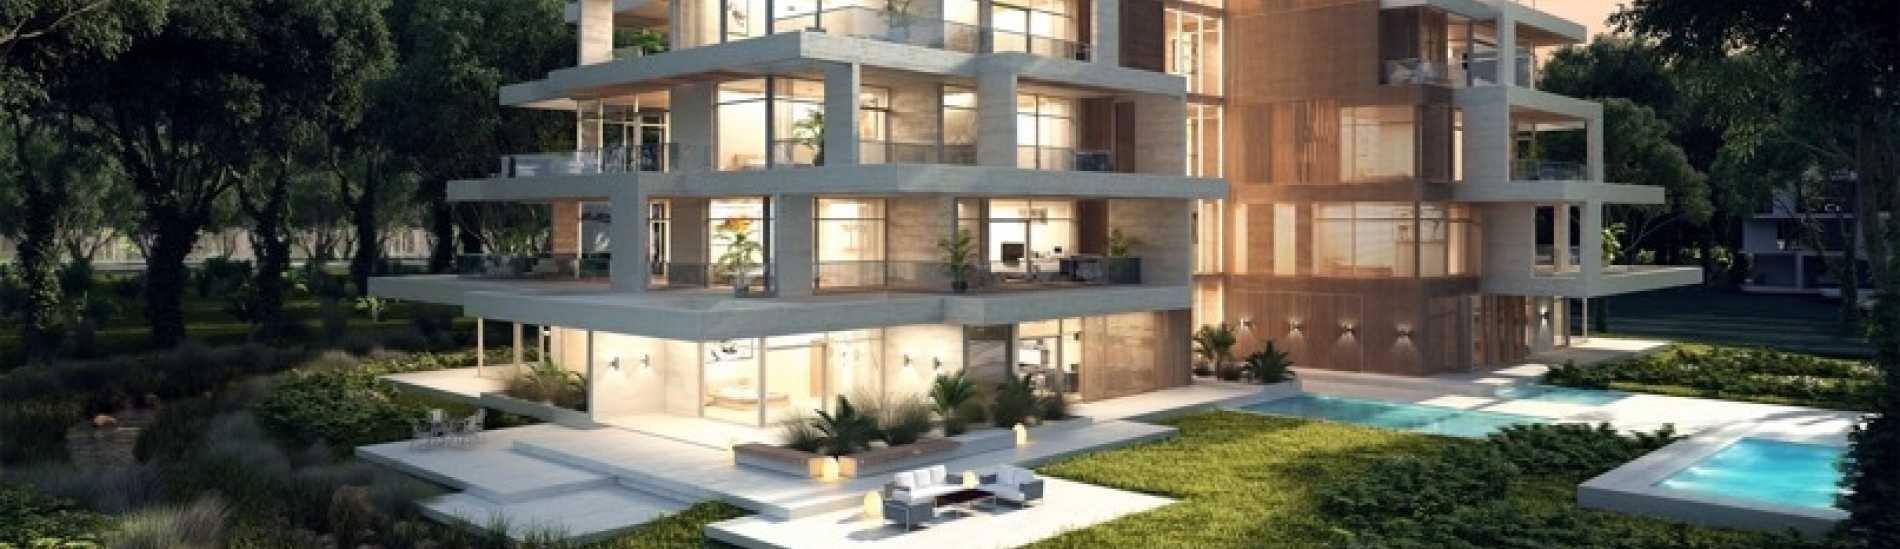 Al Barari Apartments: Exemplary Green Living